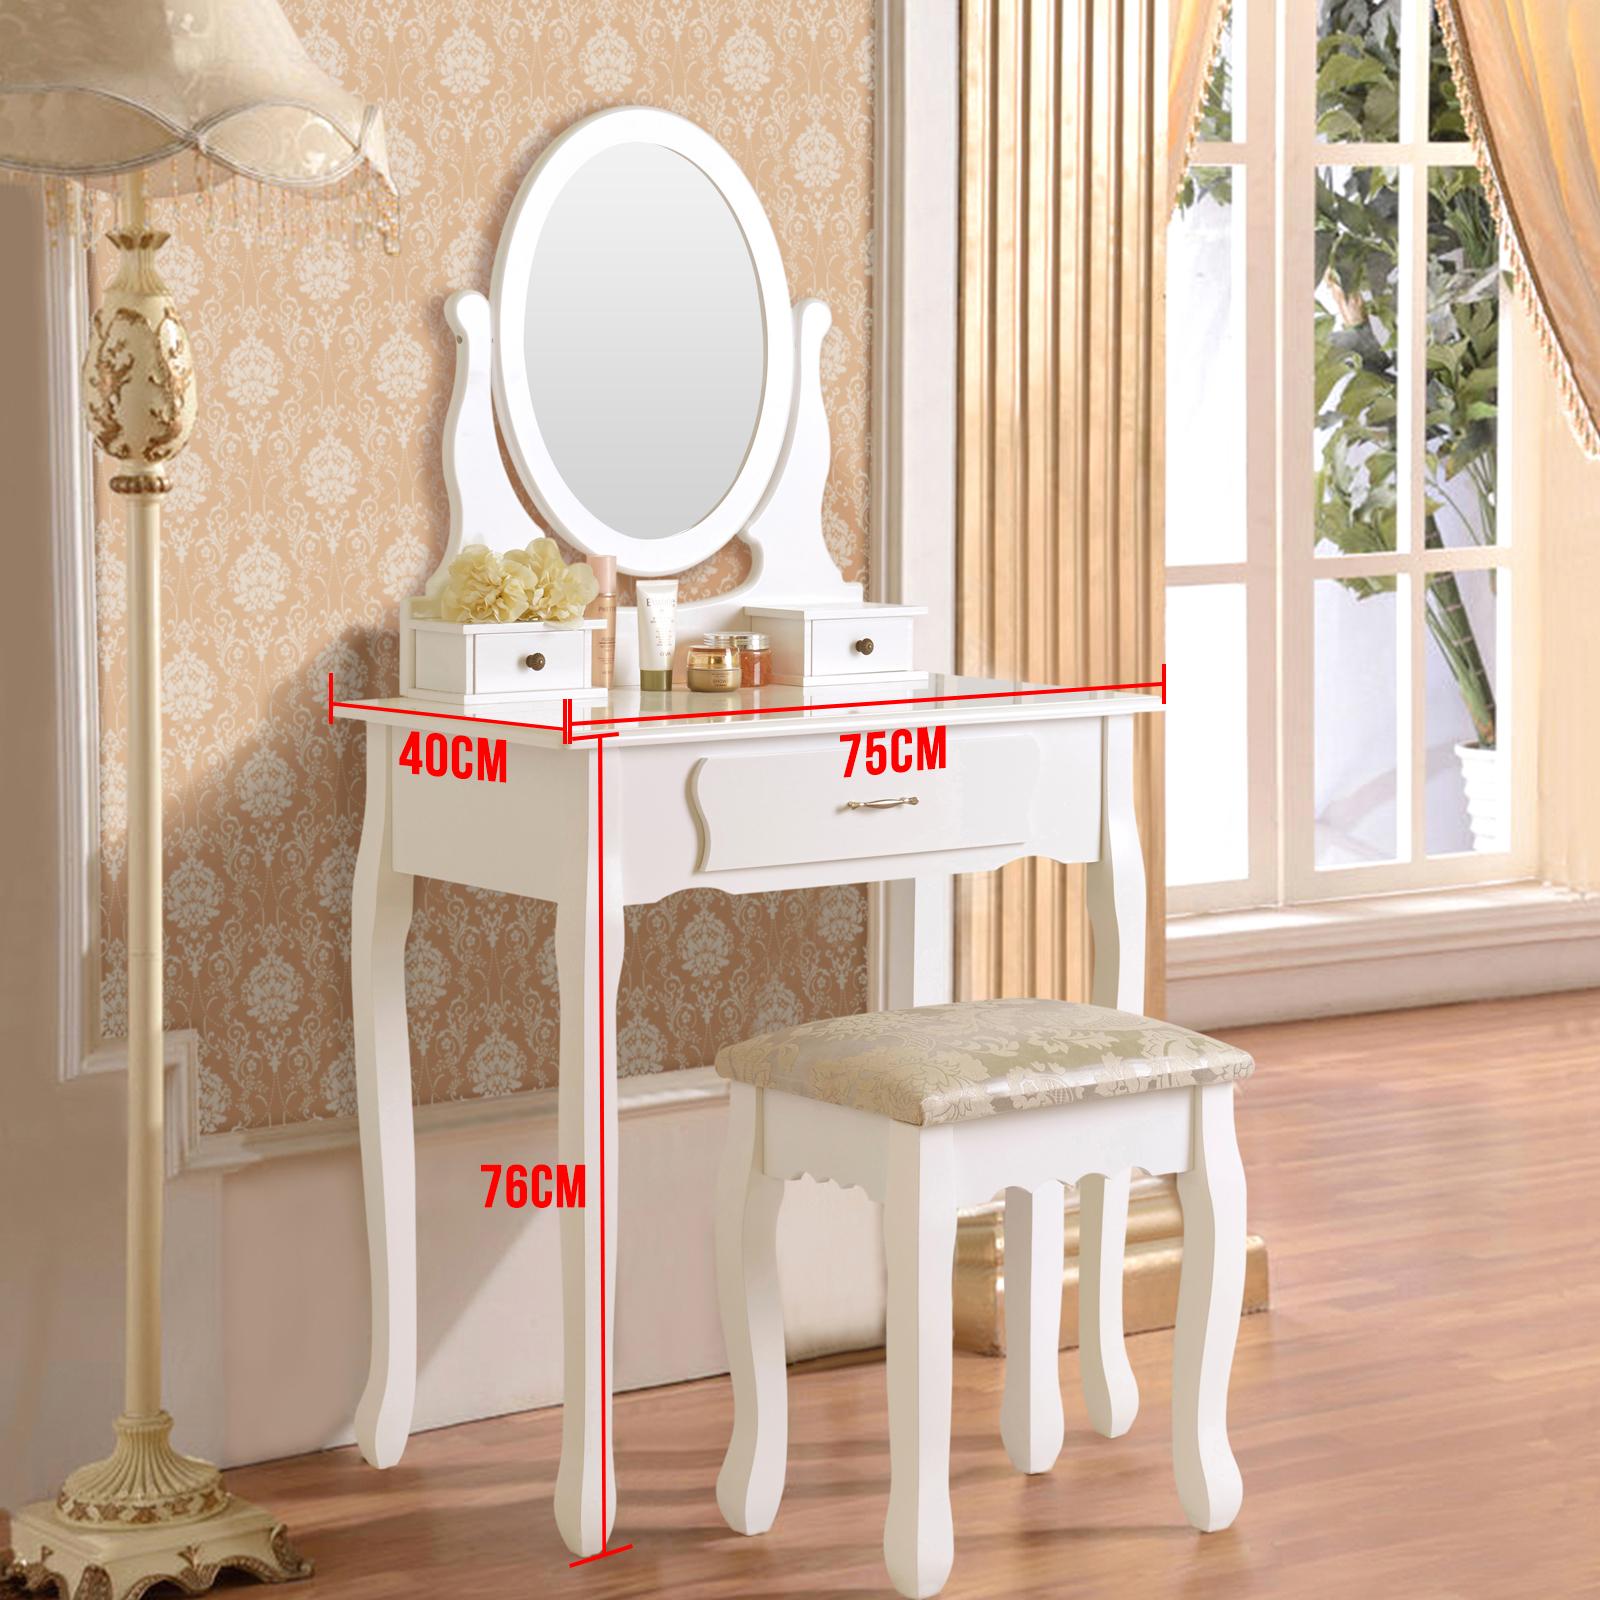 Uenjoy schminktisch wei kosmetiktisch mit hocker spiegel schubladen ebay for Schminktisch mit 3 spiegeln